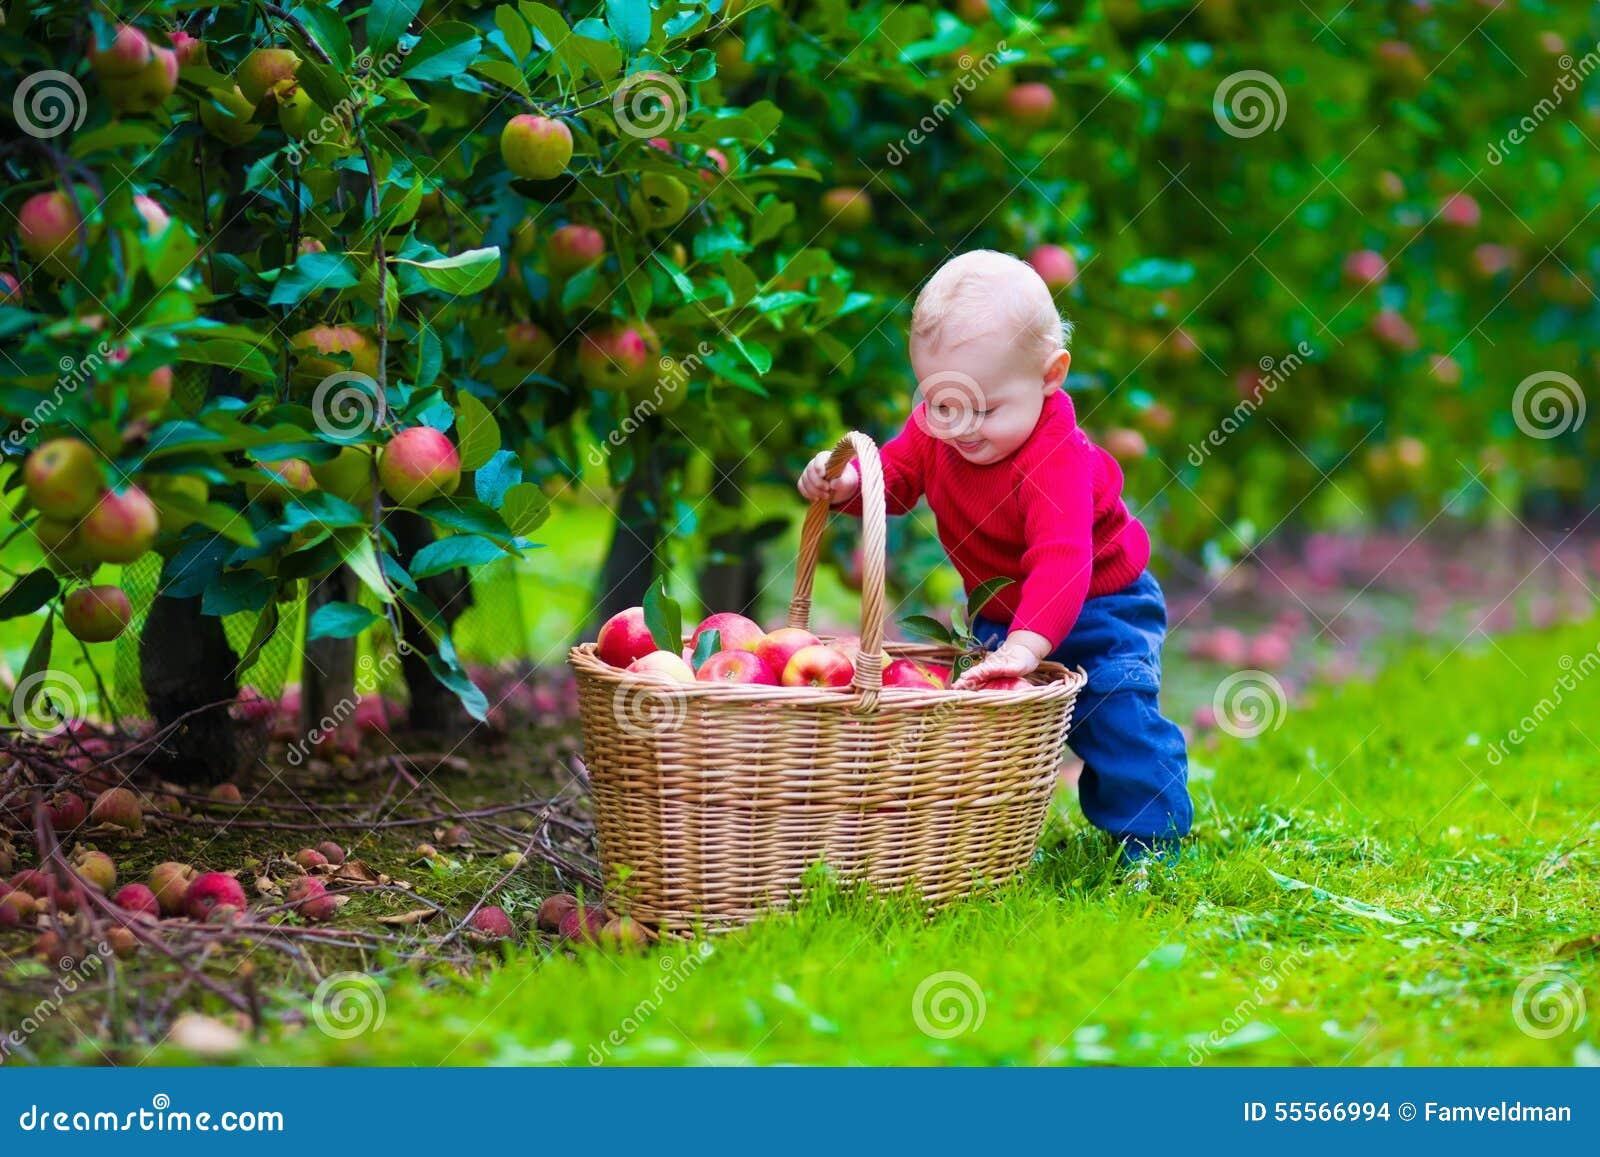 patterson fruit farm fruits basket season 2